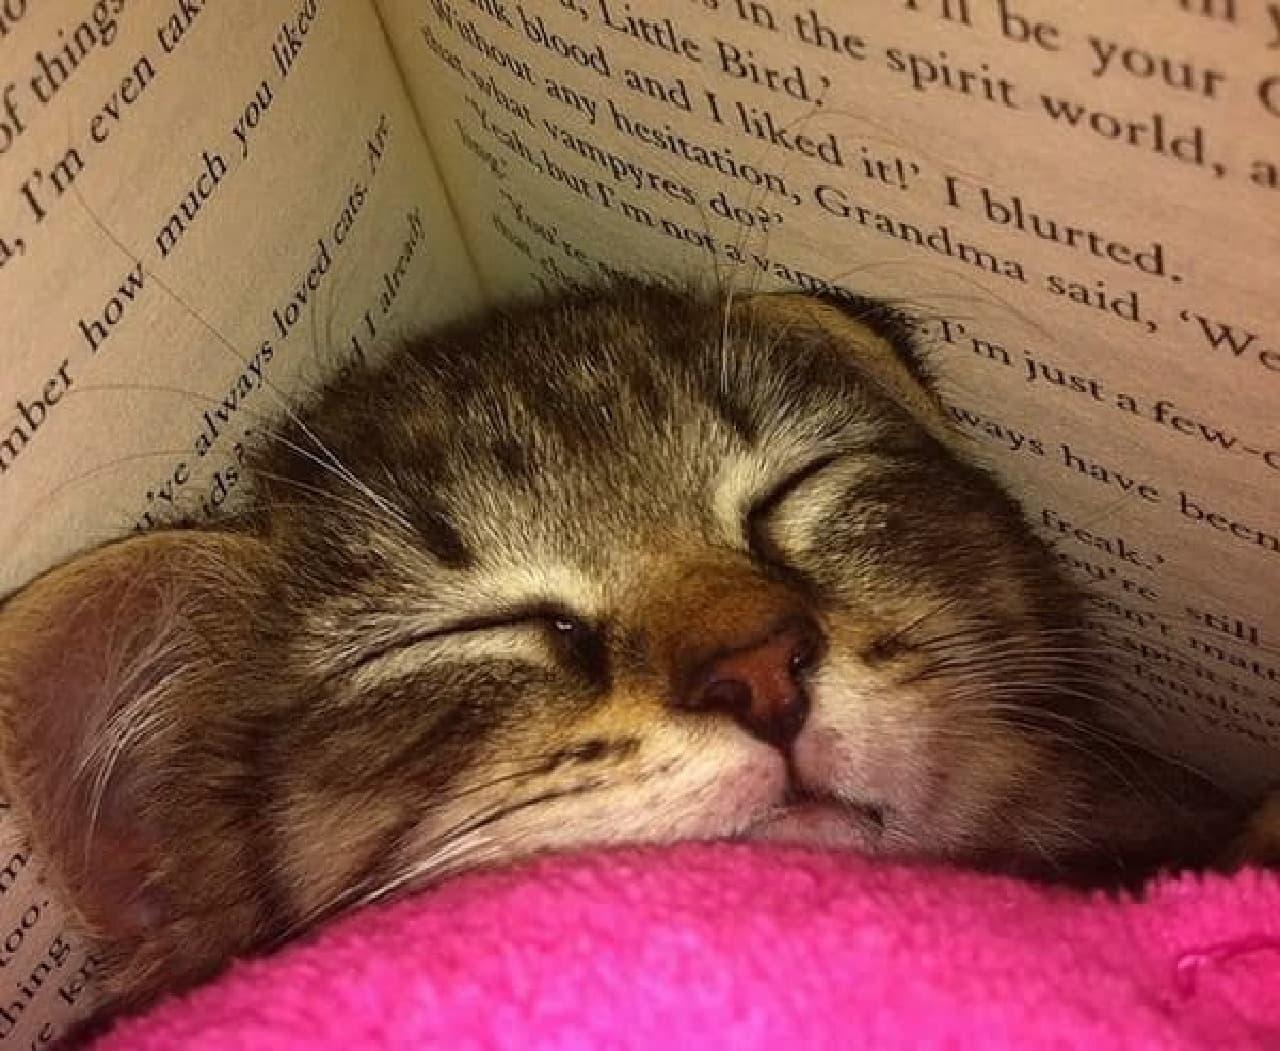 ねこ、満足  (画像は、満足して眠ってしまったネコのイメージです)